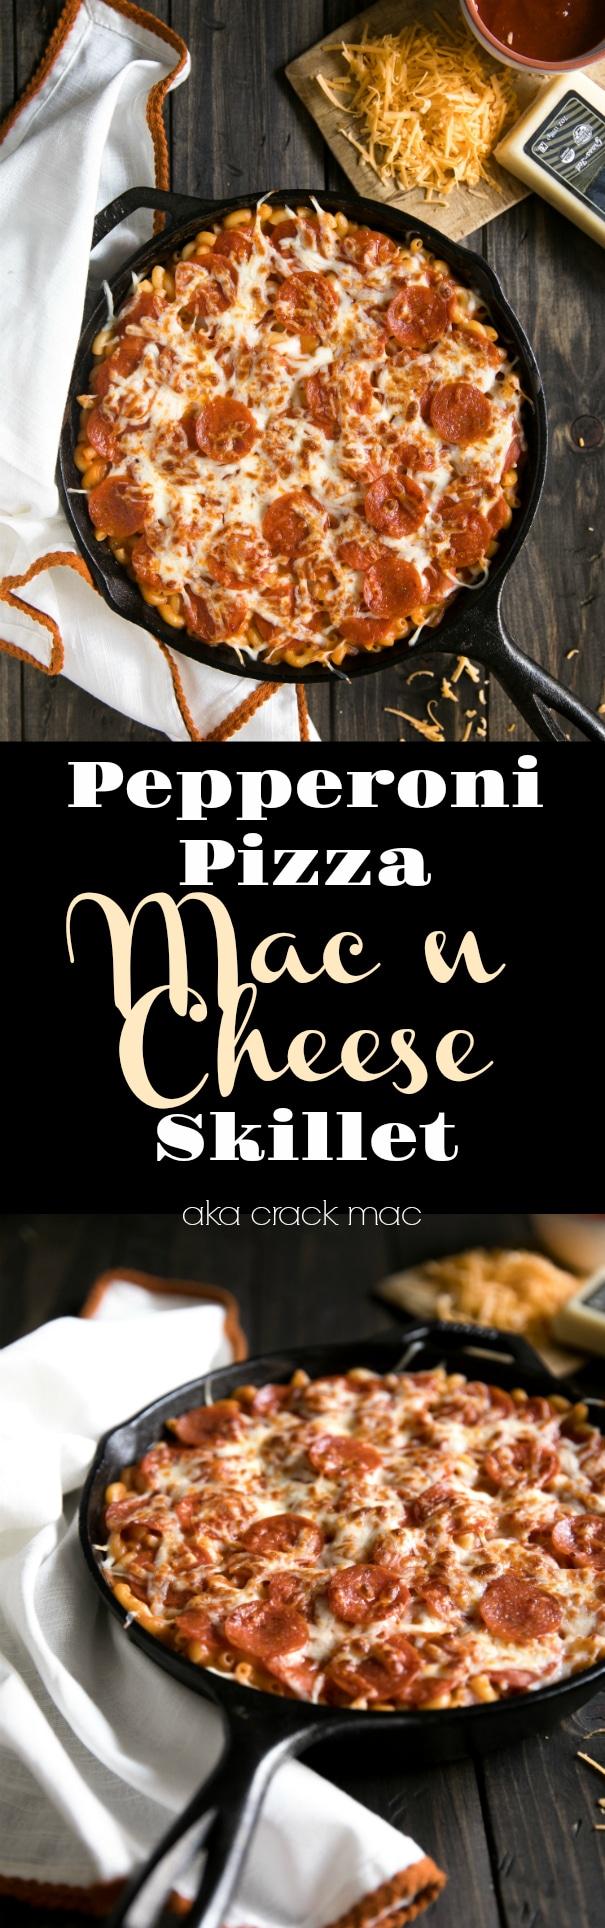 Pepperoni Pizza Mac n Cheese (aka crack mac) via @theforkedspoon #pepperoni #pizza #macncheese #macaroni #cheese #comfortfood #theforkedspoon